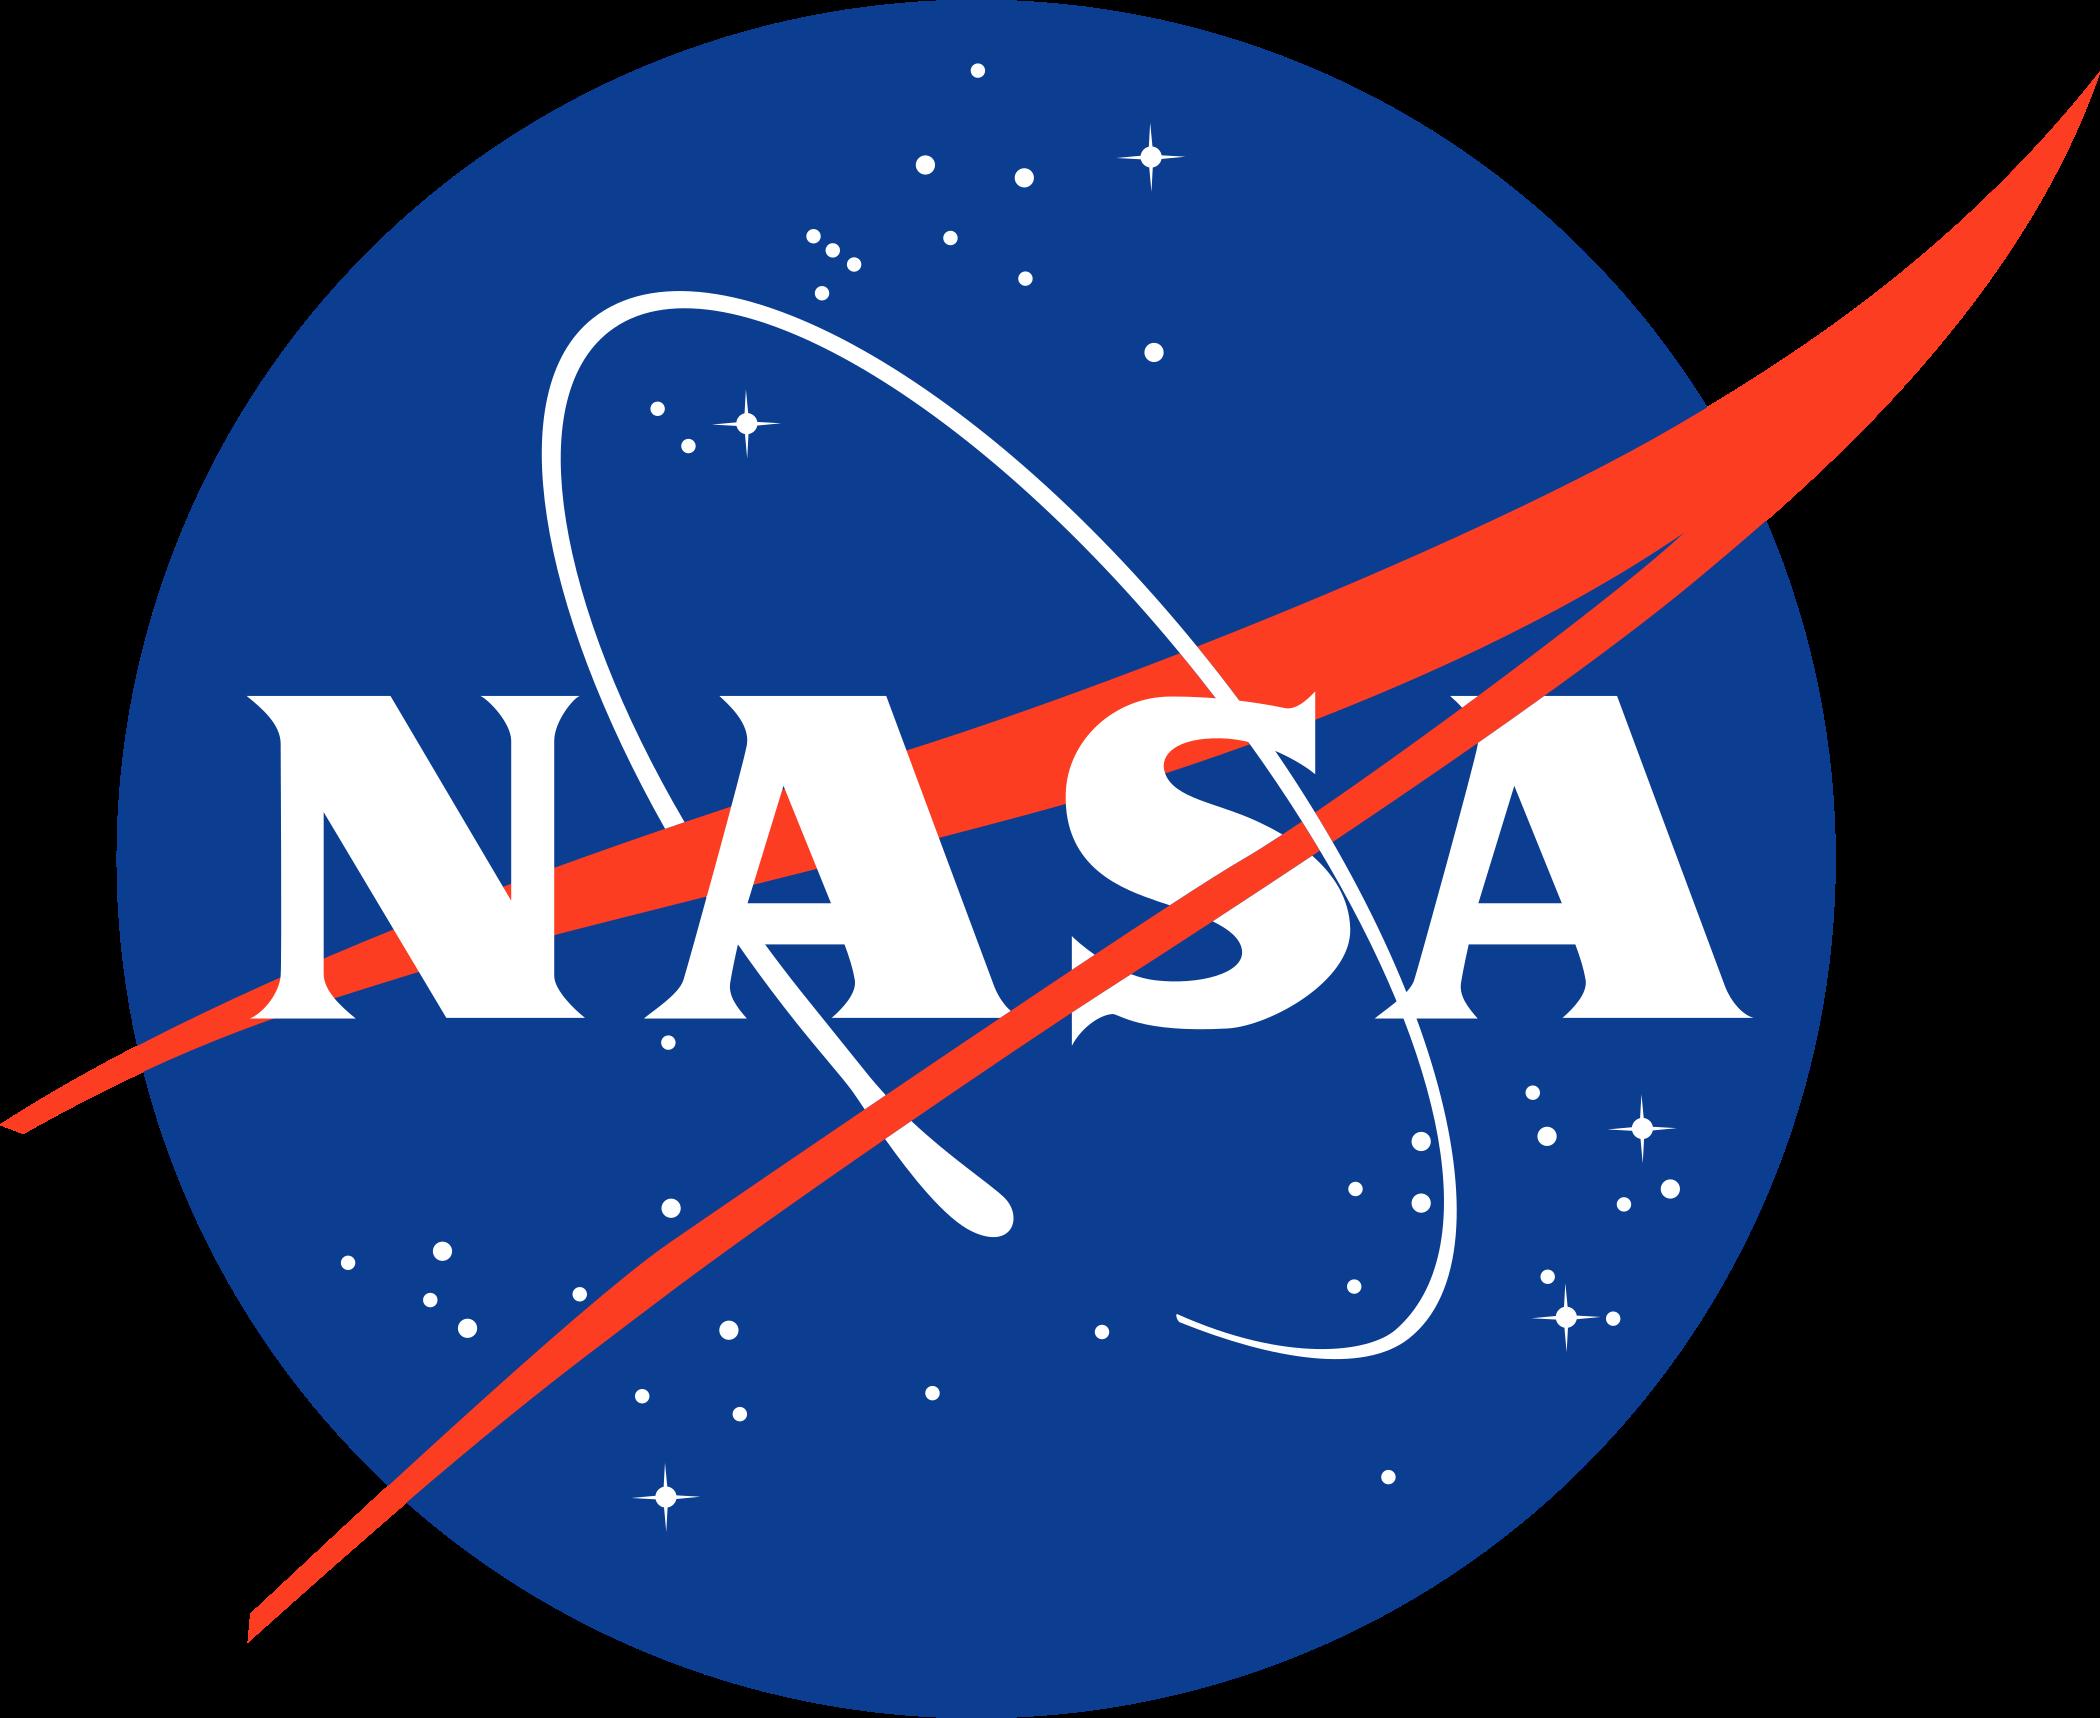 nasa logo 1 - Nasa Logo